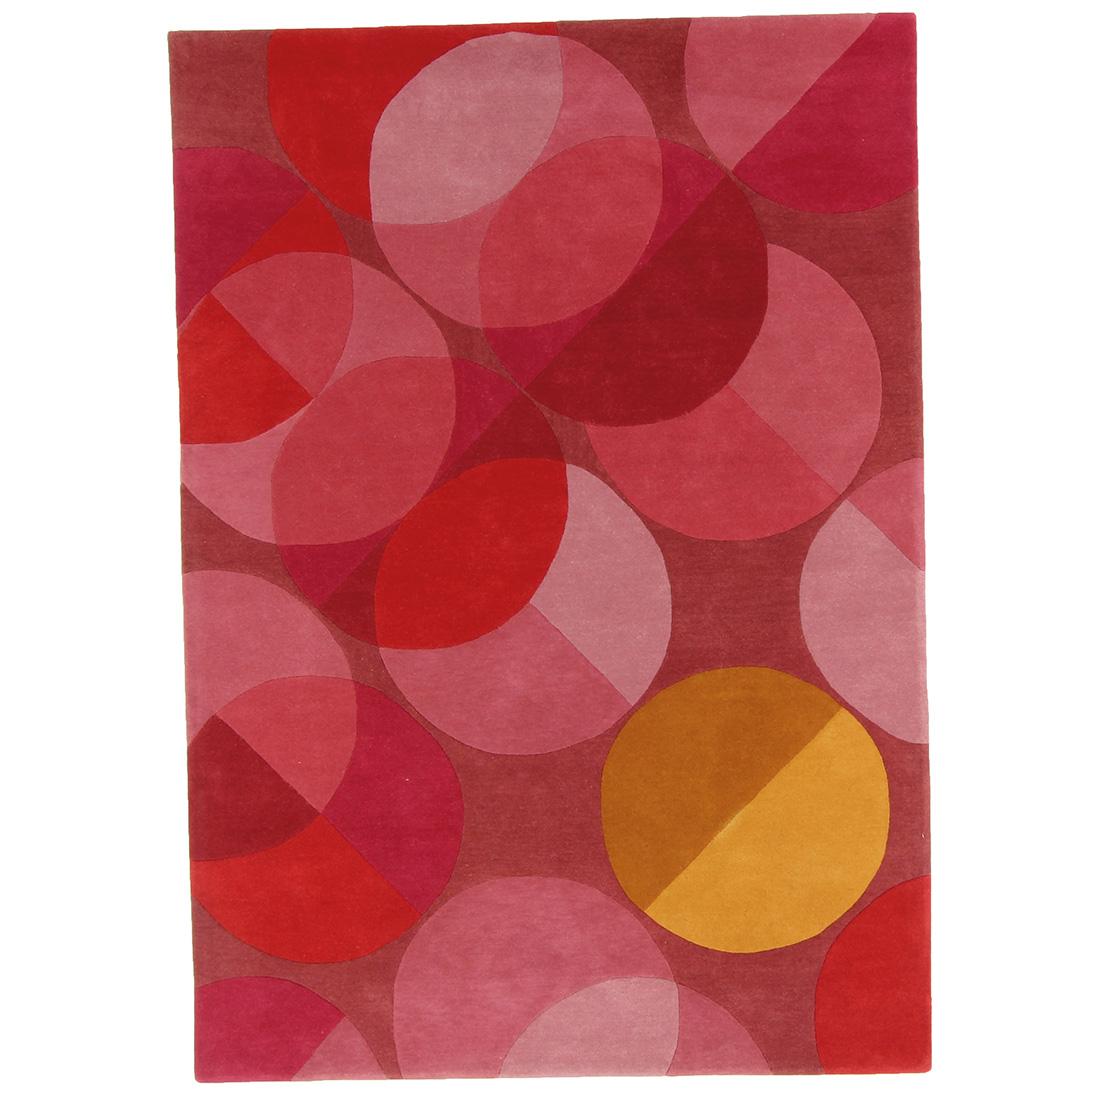 Vloerkleed Brinker Gaudion Siero | 170 x 230 cm